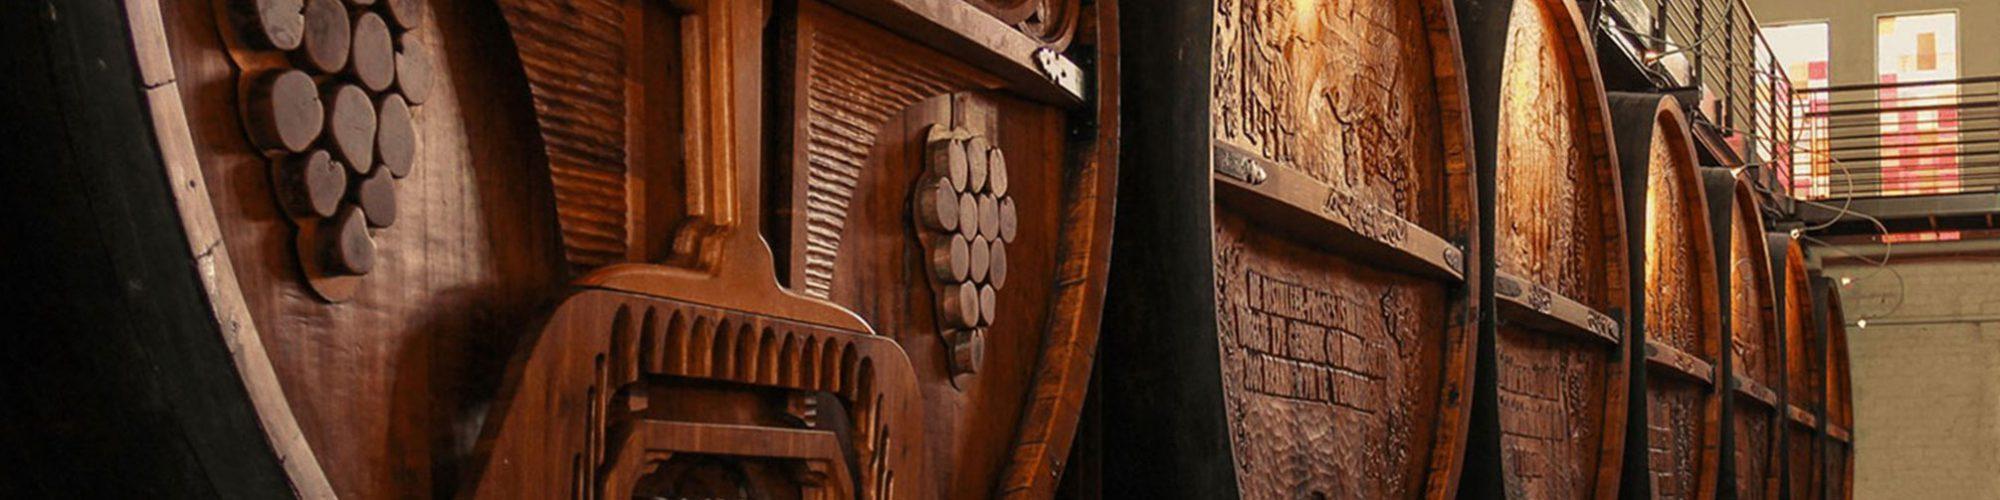 KWV Wooden Casks